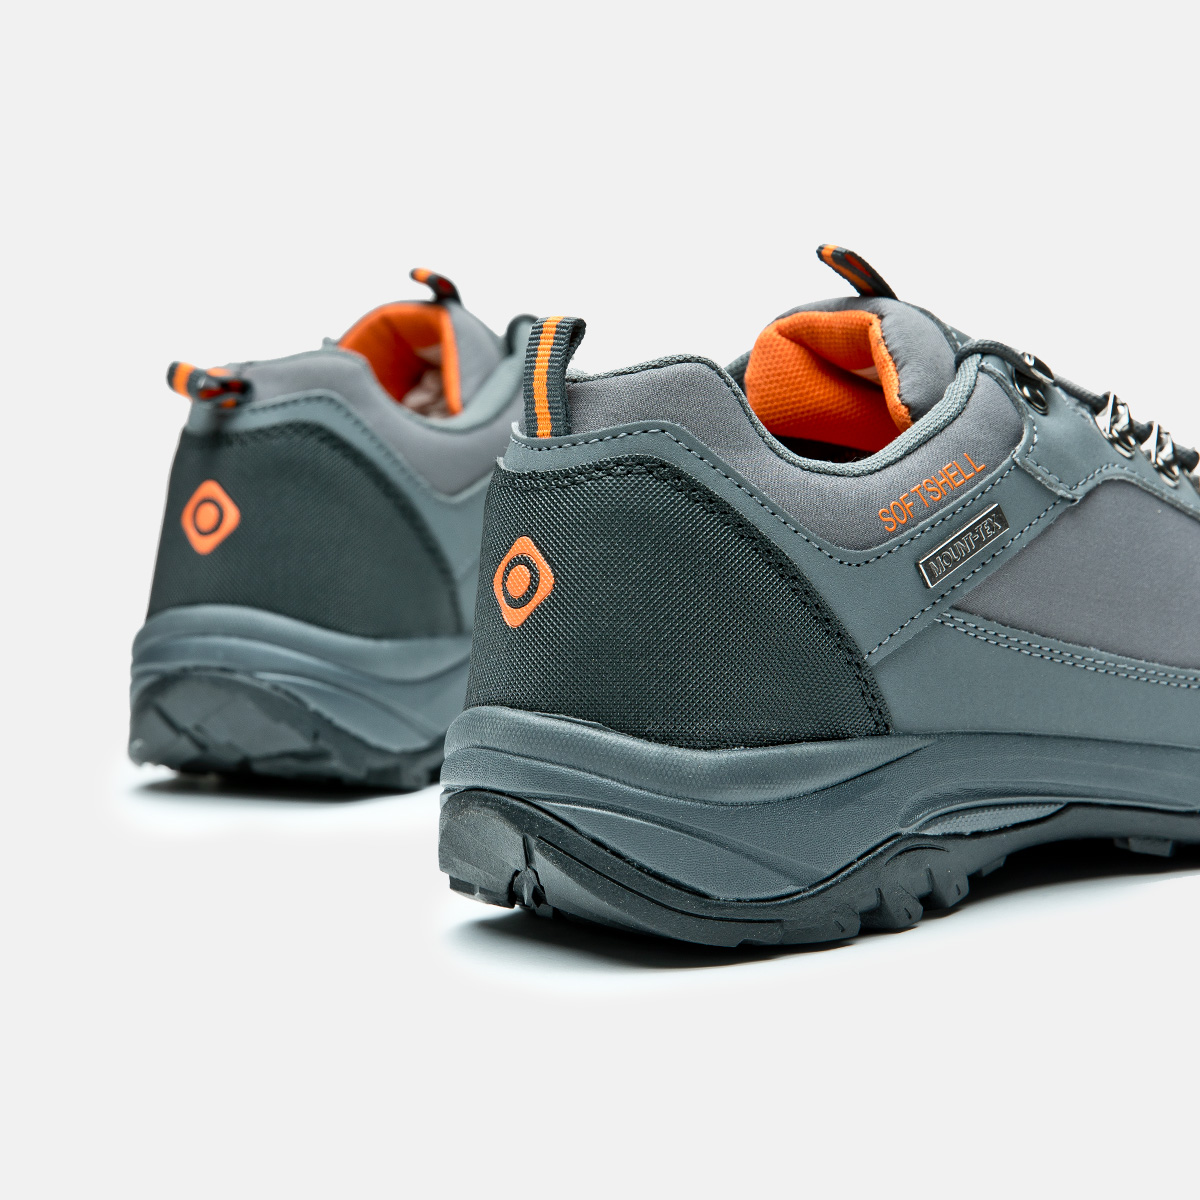 homme et trekking pantoufles faible orange gris gouter